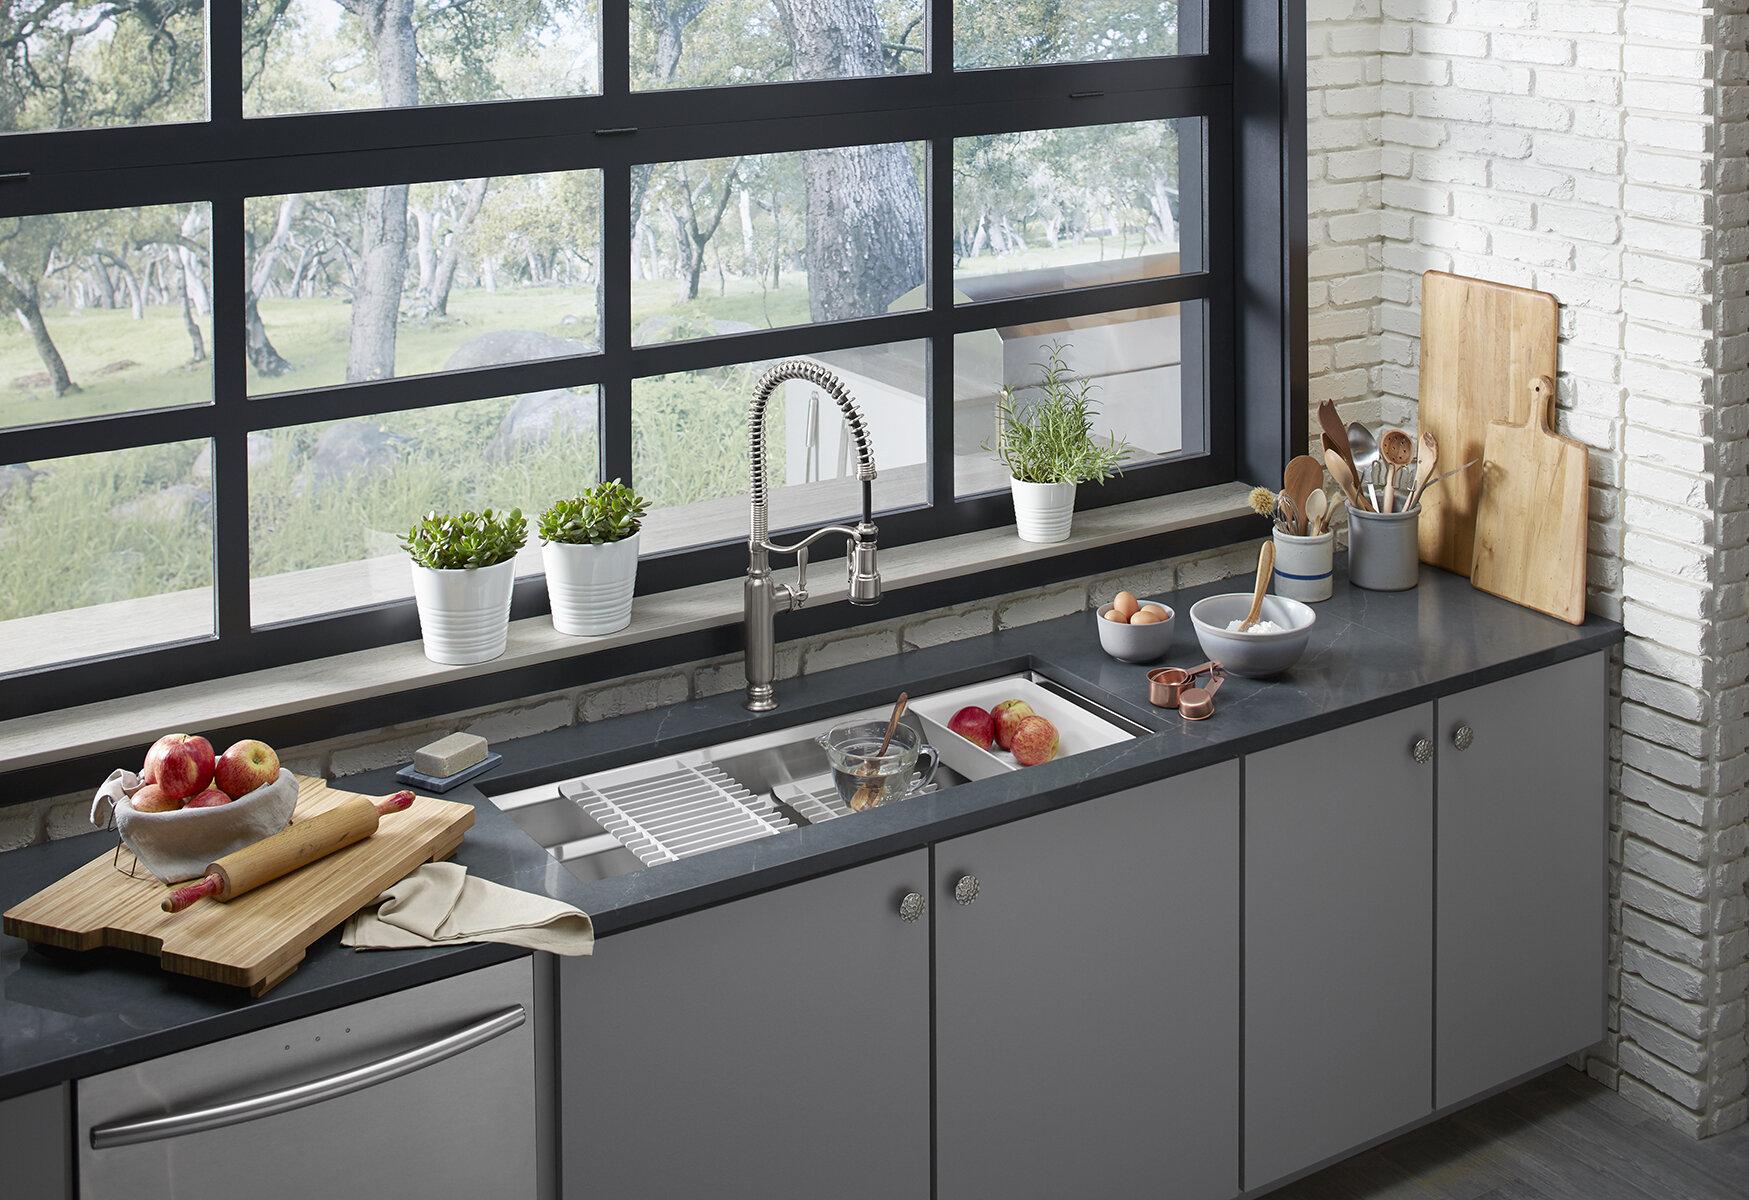 Kohler Prolific 44 In X 18 1/4 In X 10 In Under Mount Single Bowl Kitchen  Sink With Accessories | Wayfair.ca